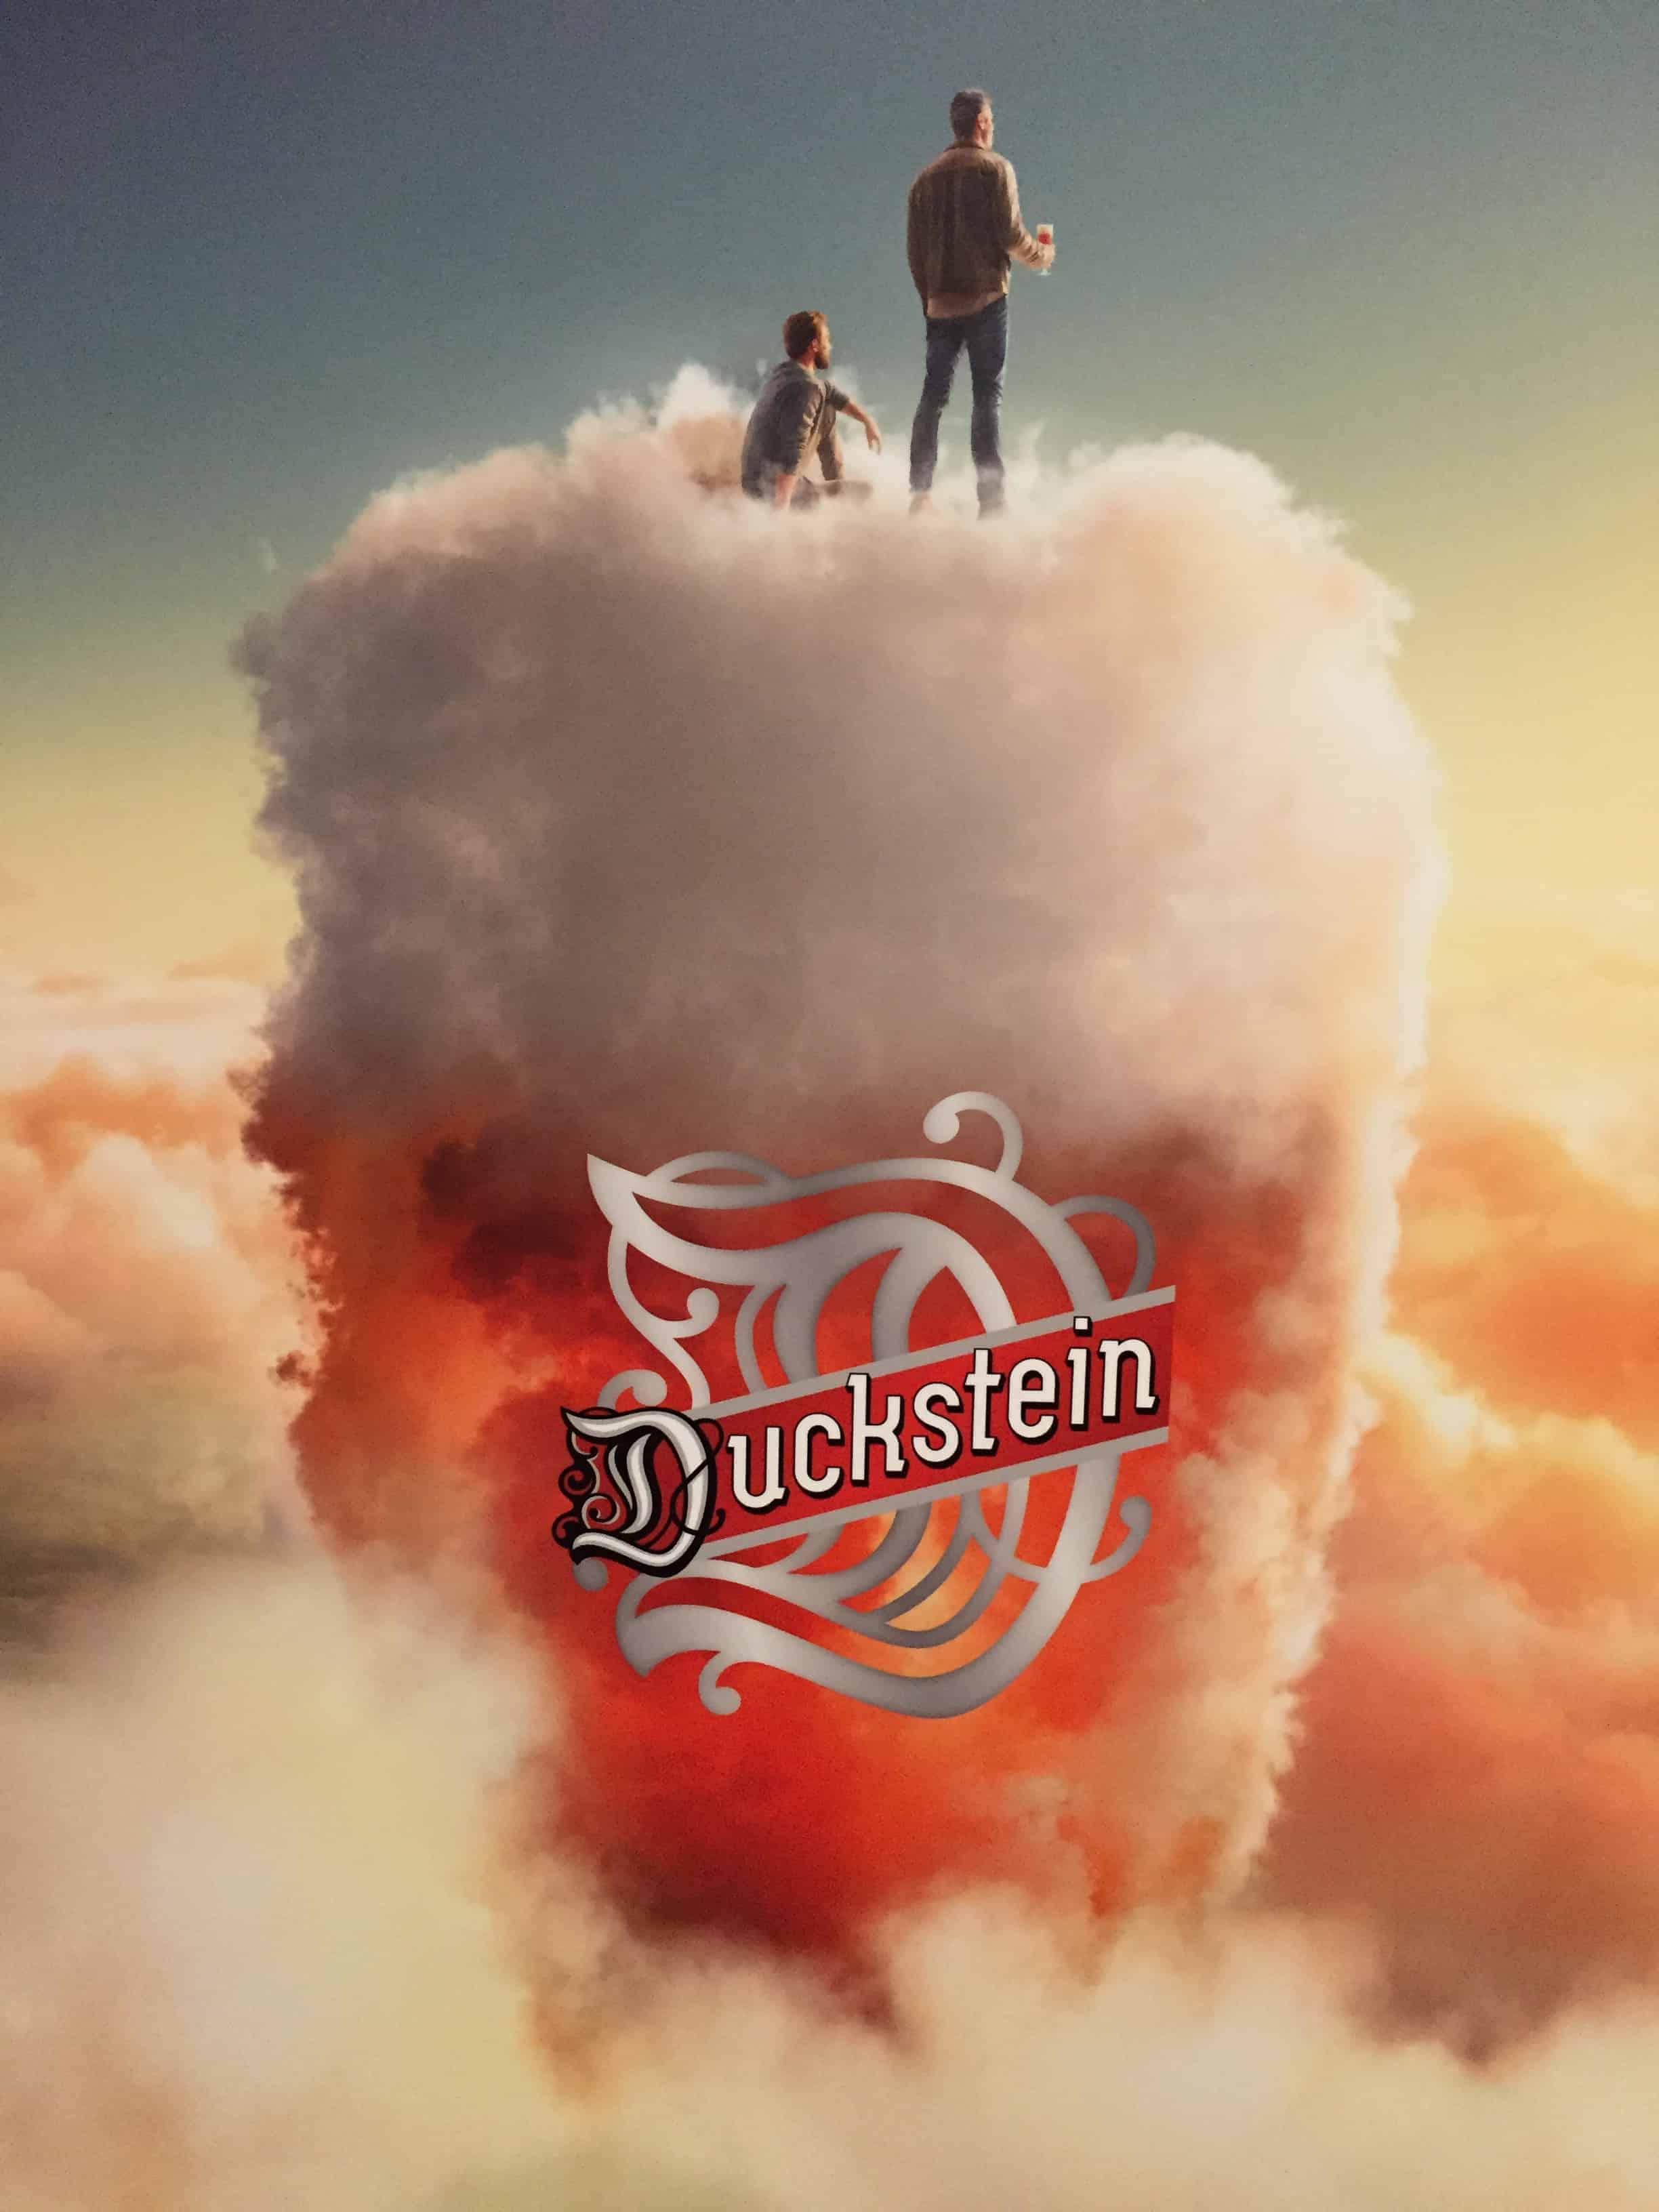 Duckstein